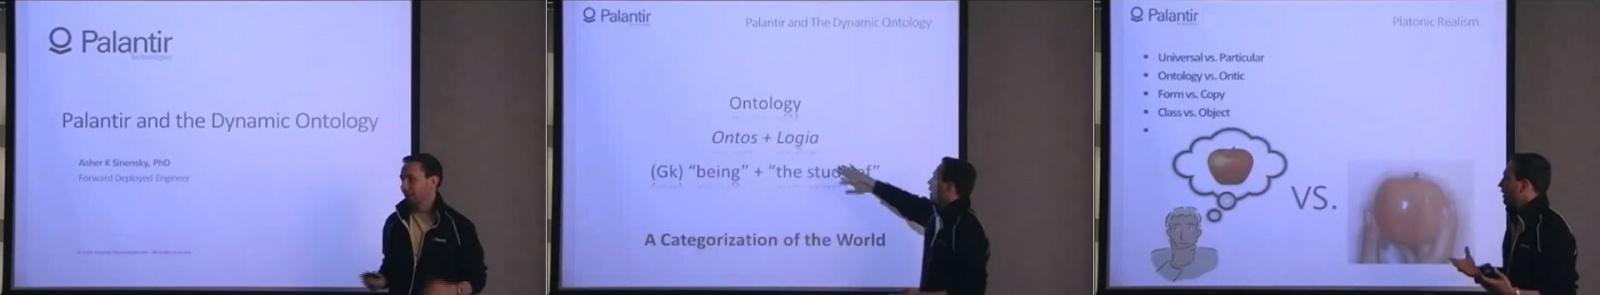 Динамическая онтология. Как инженеры Palantir объясняют это ЦРУ, АНБ и военным - 2